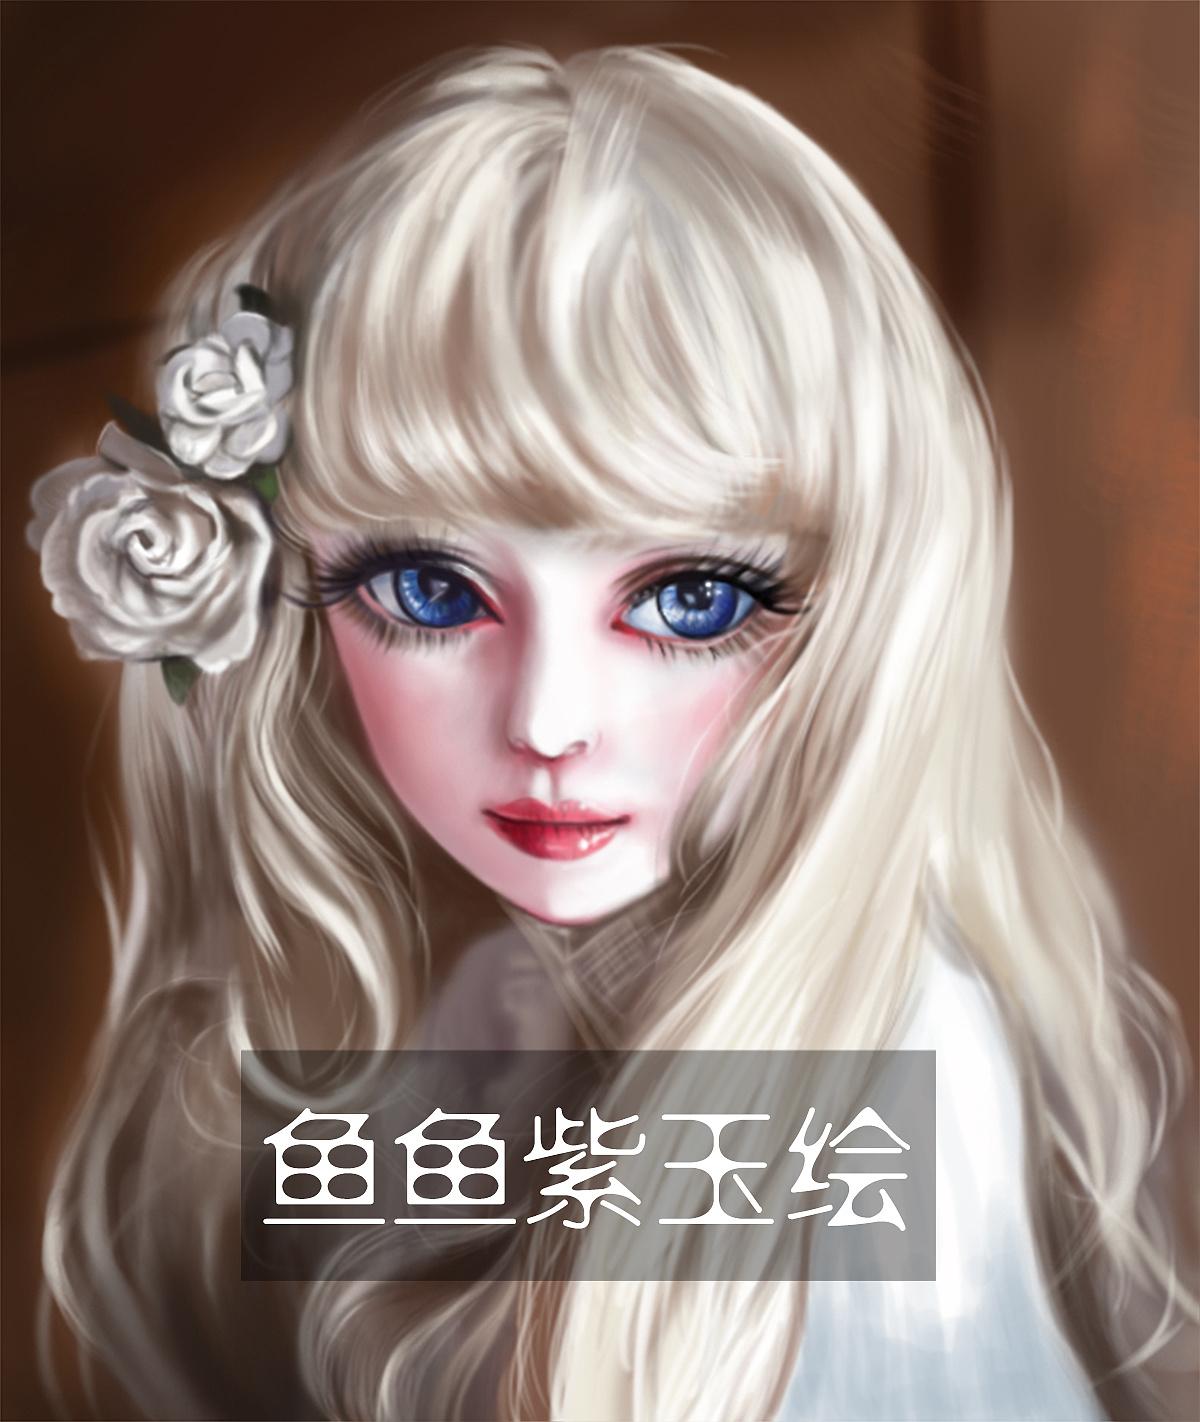 喜欢sd娃娃的大眼睛,很美.